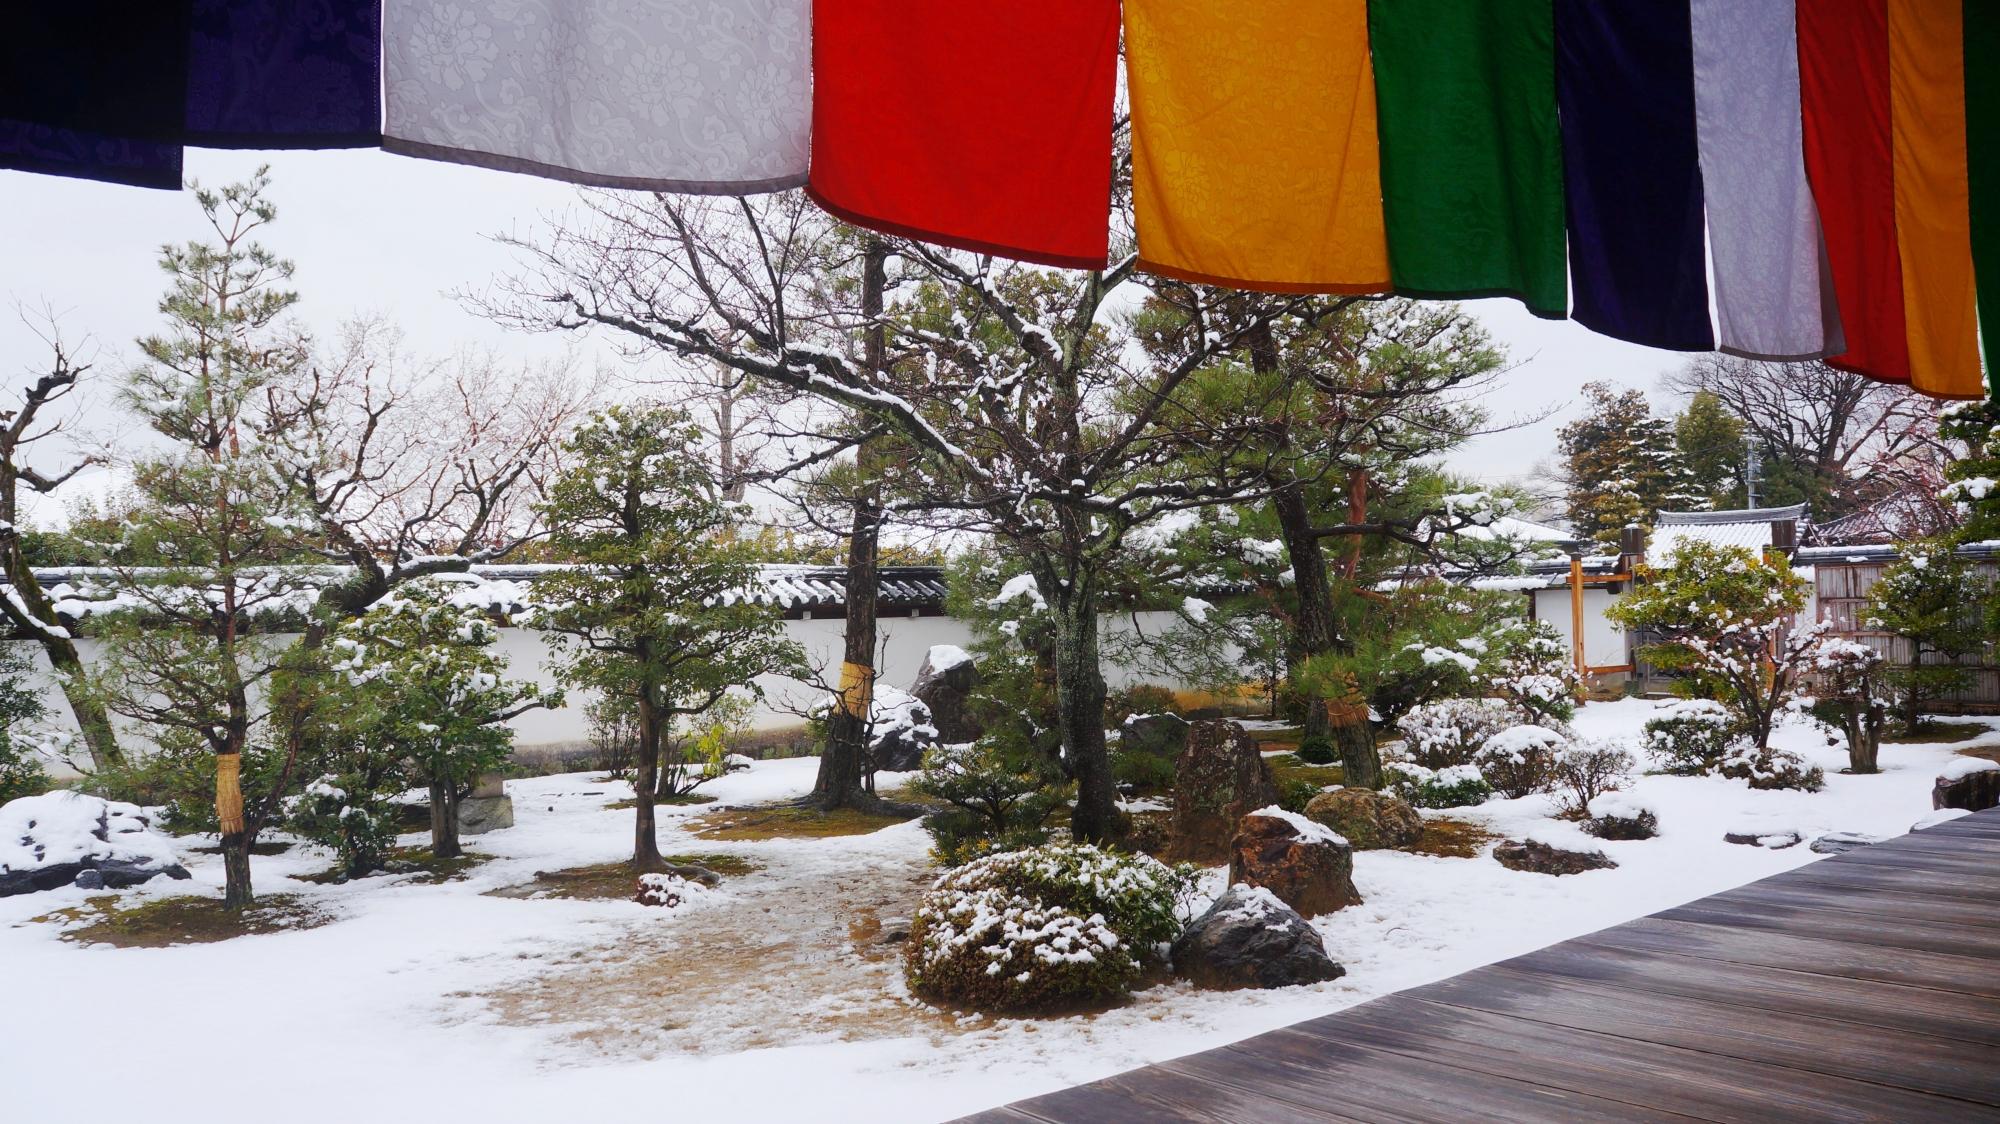 鮮やかな金堂と白い雪の綺麗なコントラスト